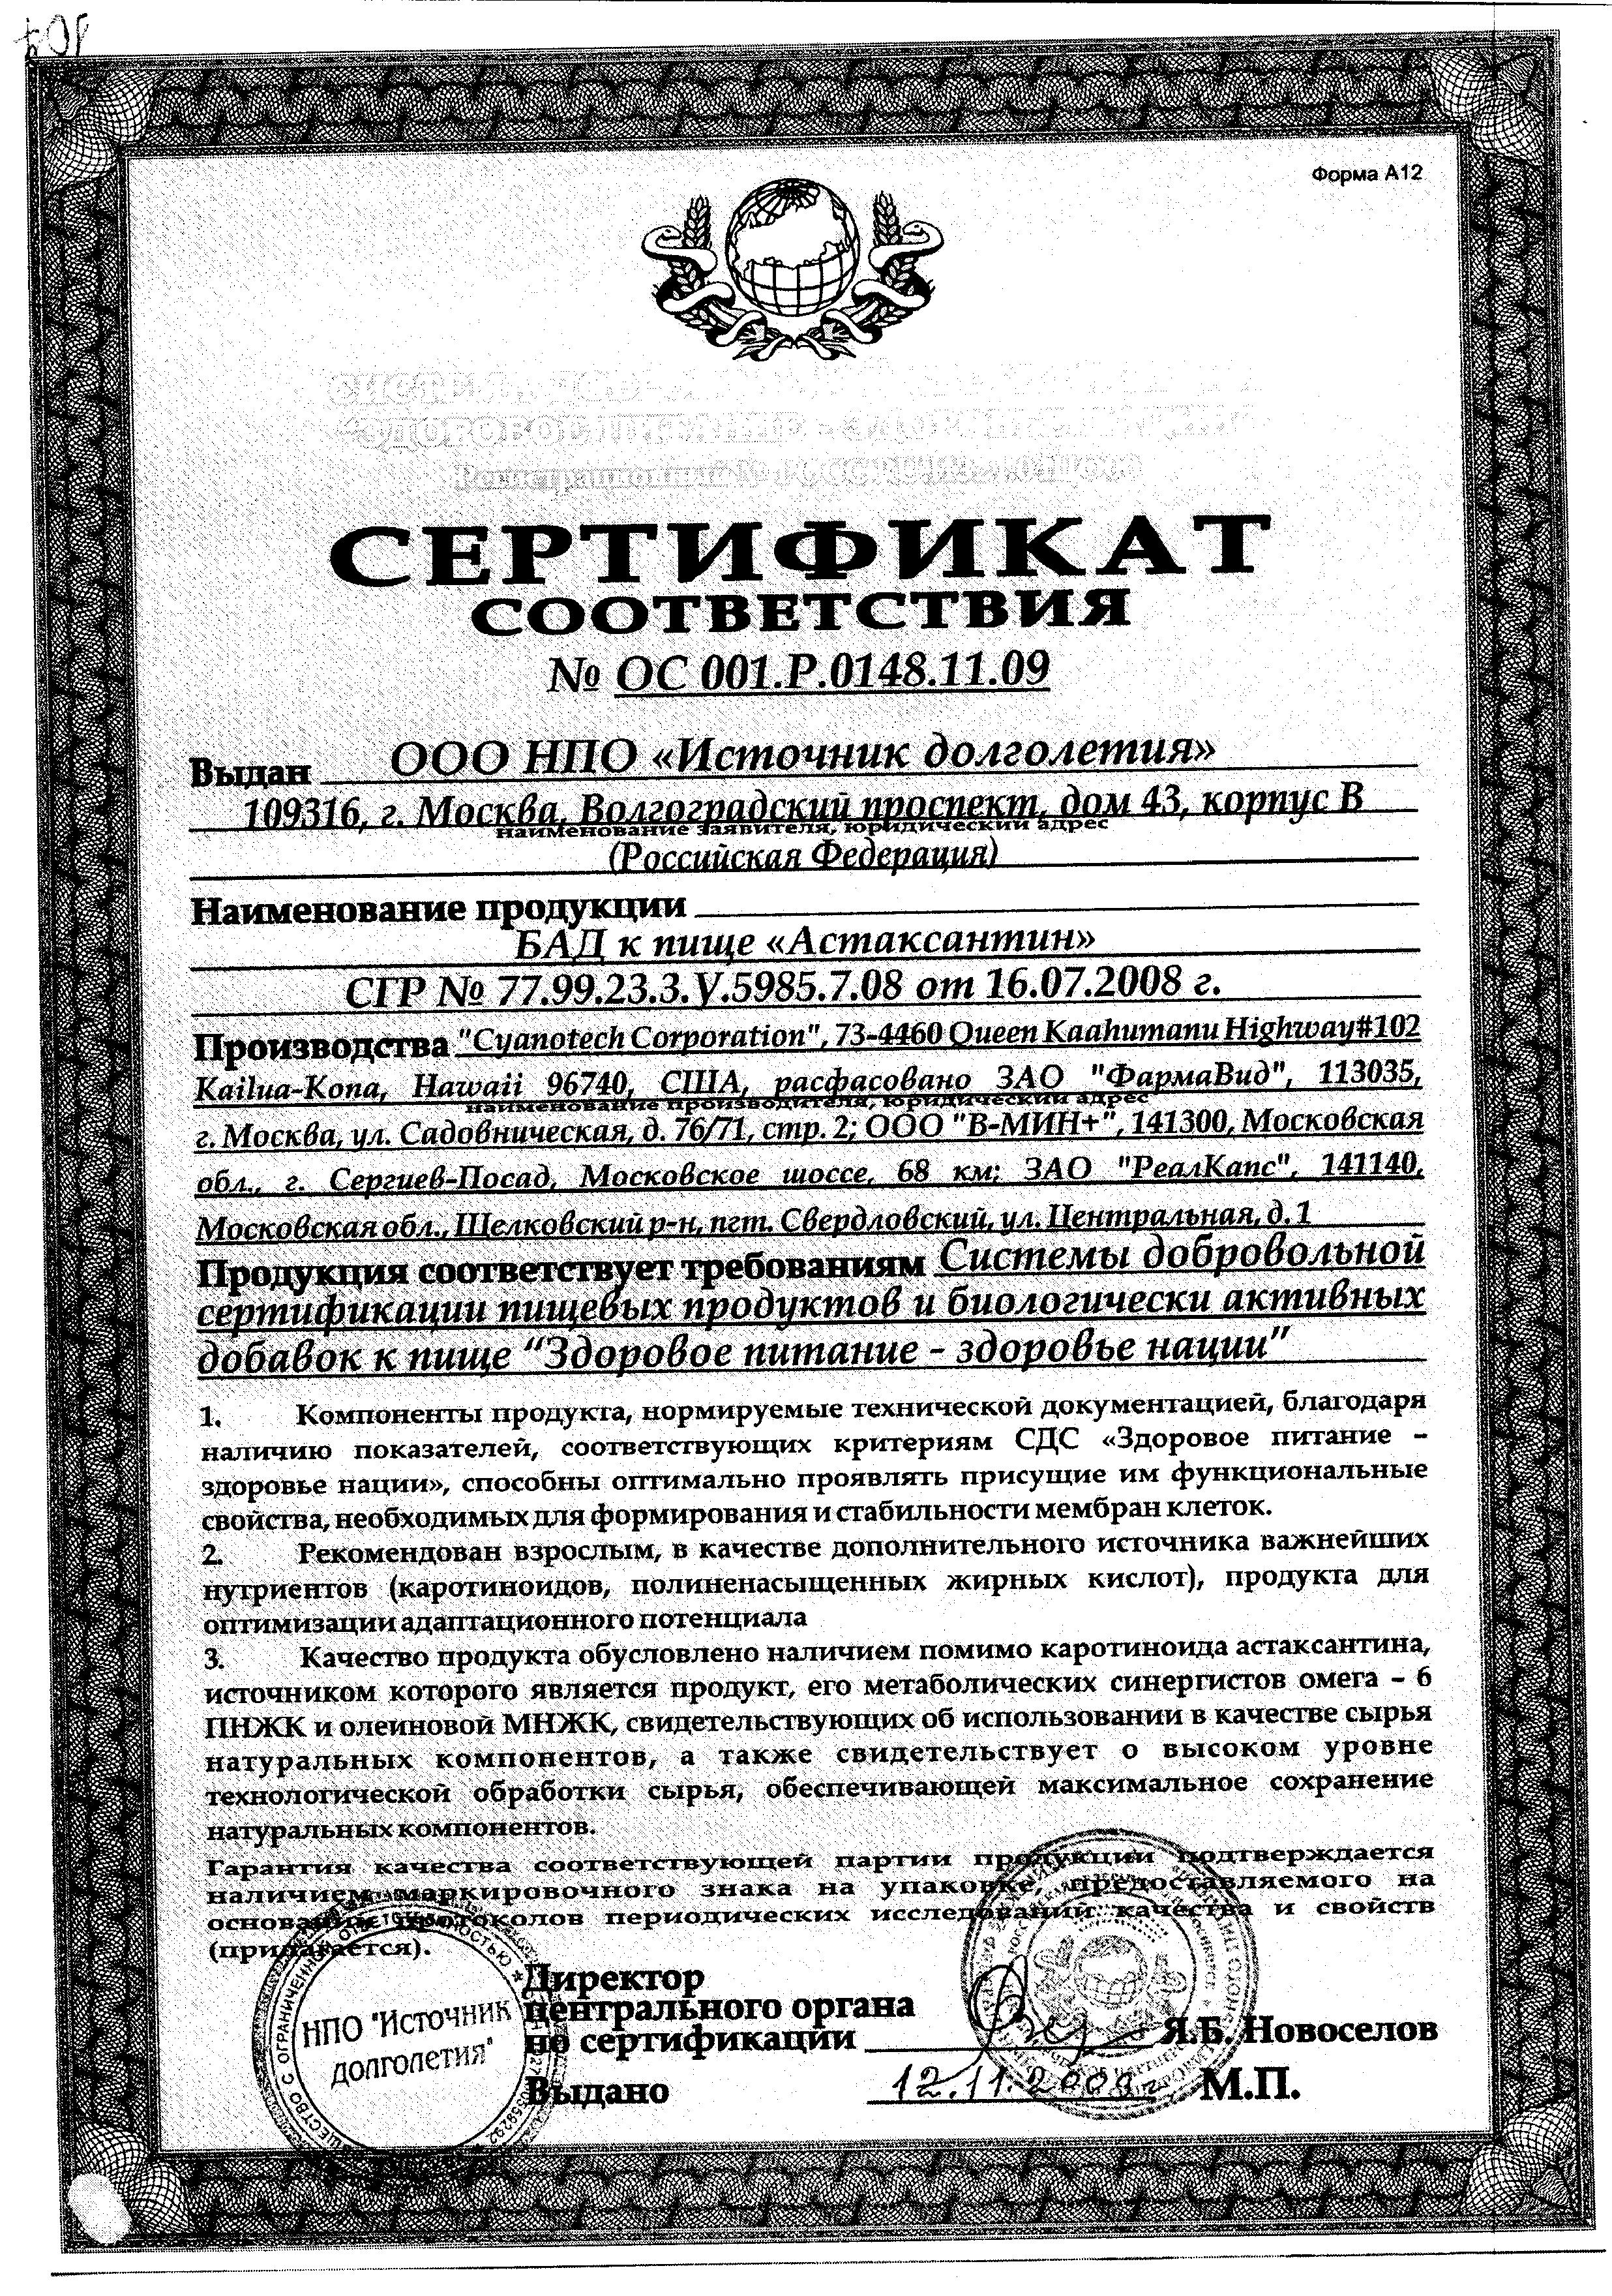 БиоАстин Натуральный Астаксантин сертификат